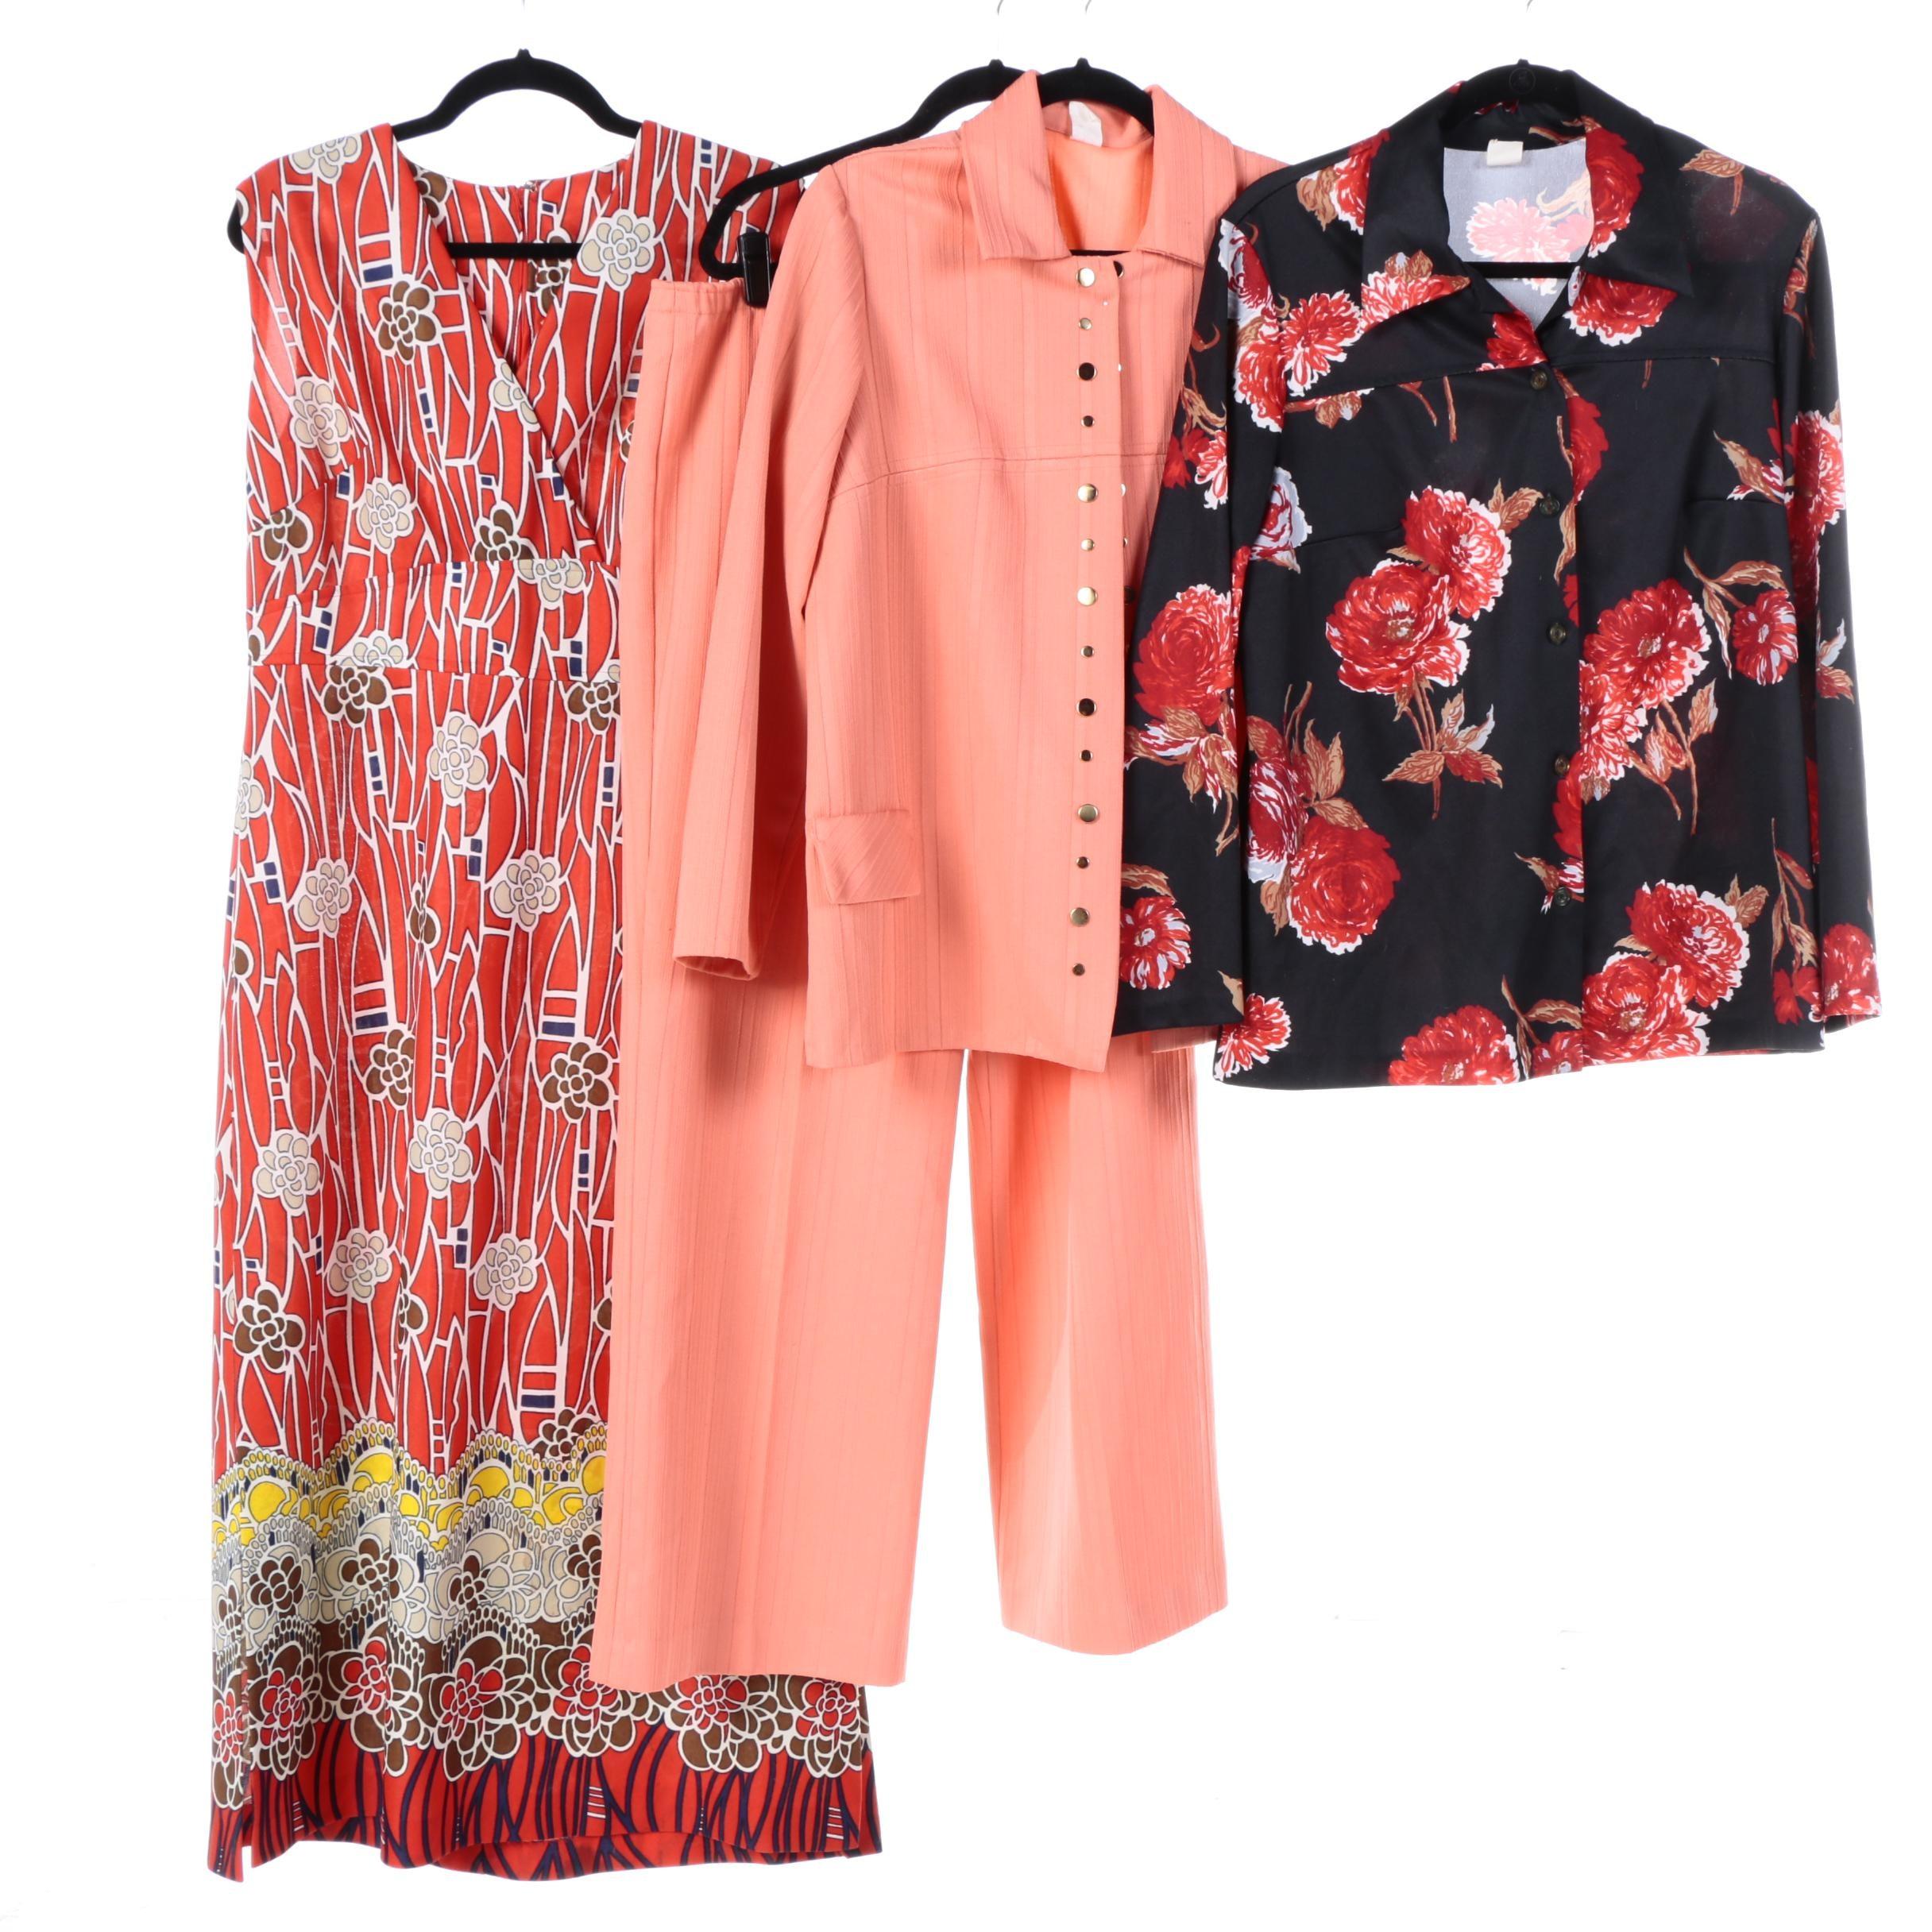 Women's Vintage Pantsuit, Button-Front Shirt and Dress